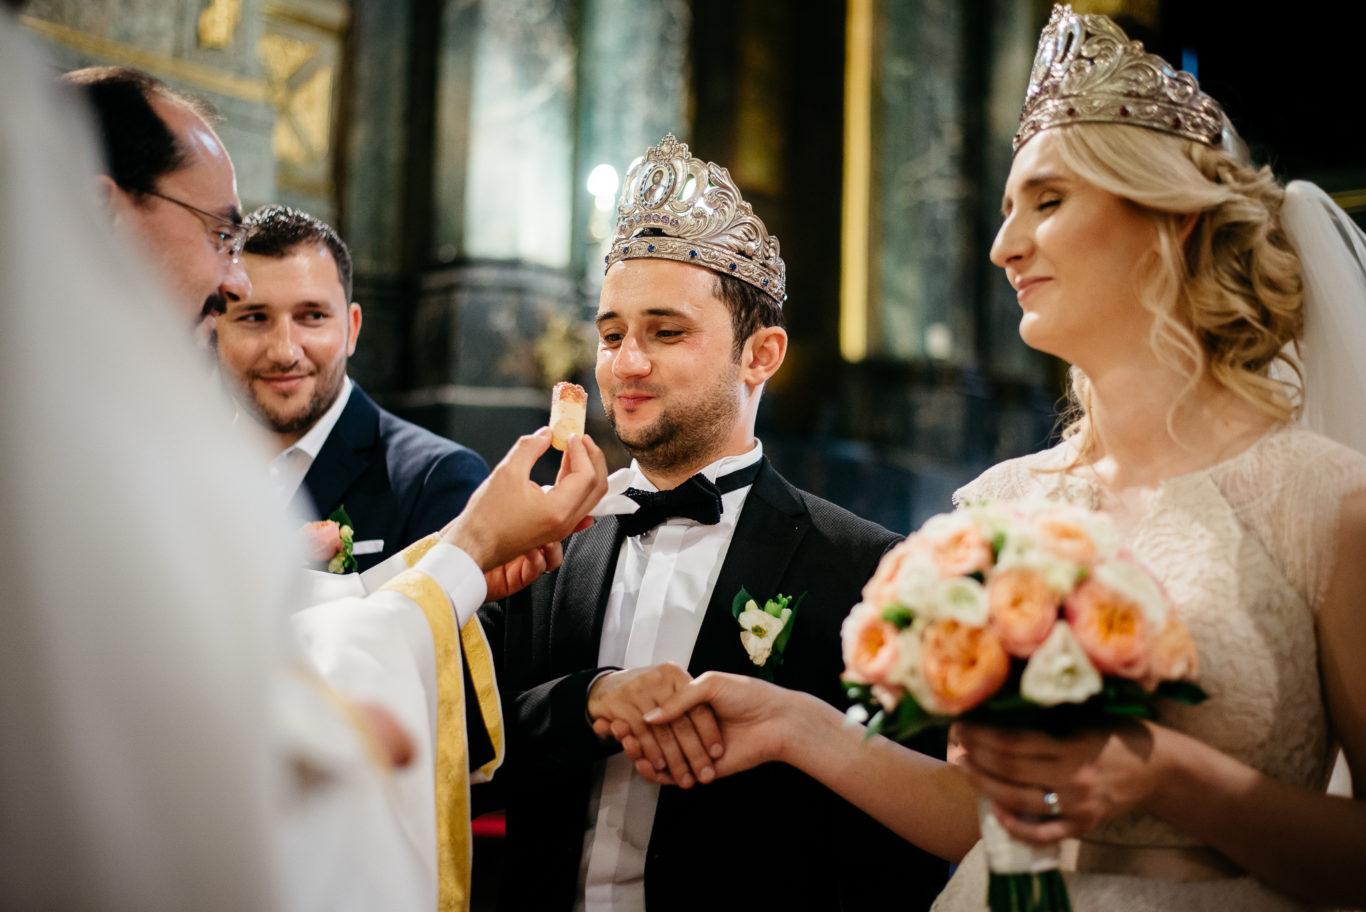 0632-Fotografie-nunta-Mirela-Iulian-fotograf-Ciprian-Dumitrescu-DSC_7152